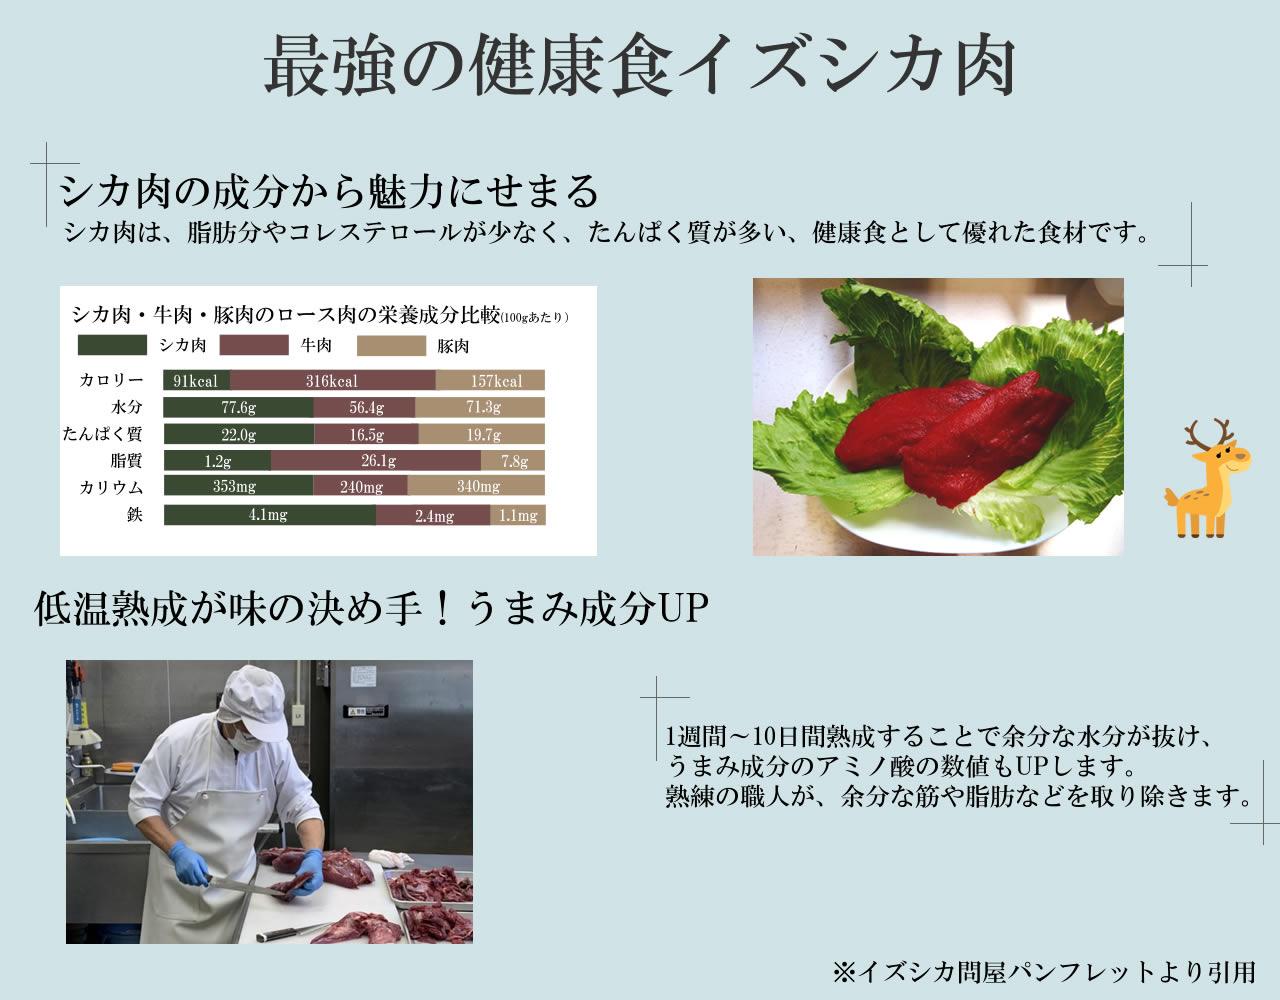 イズシカ肉について